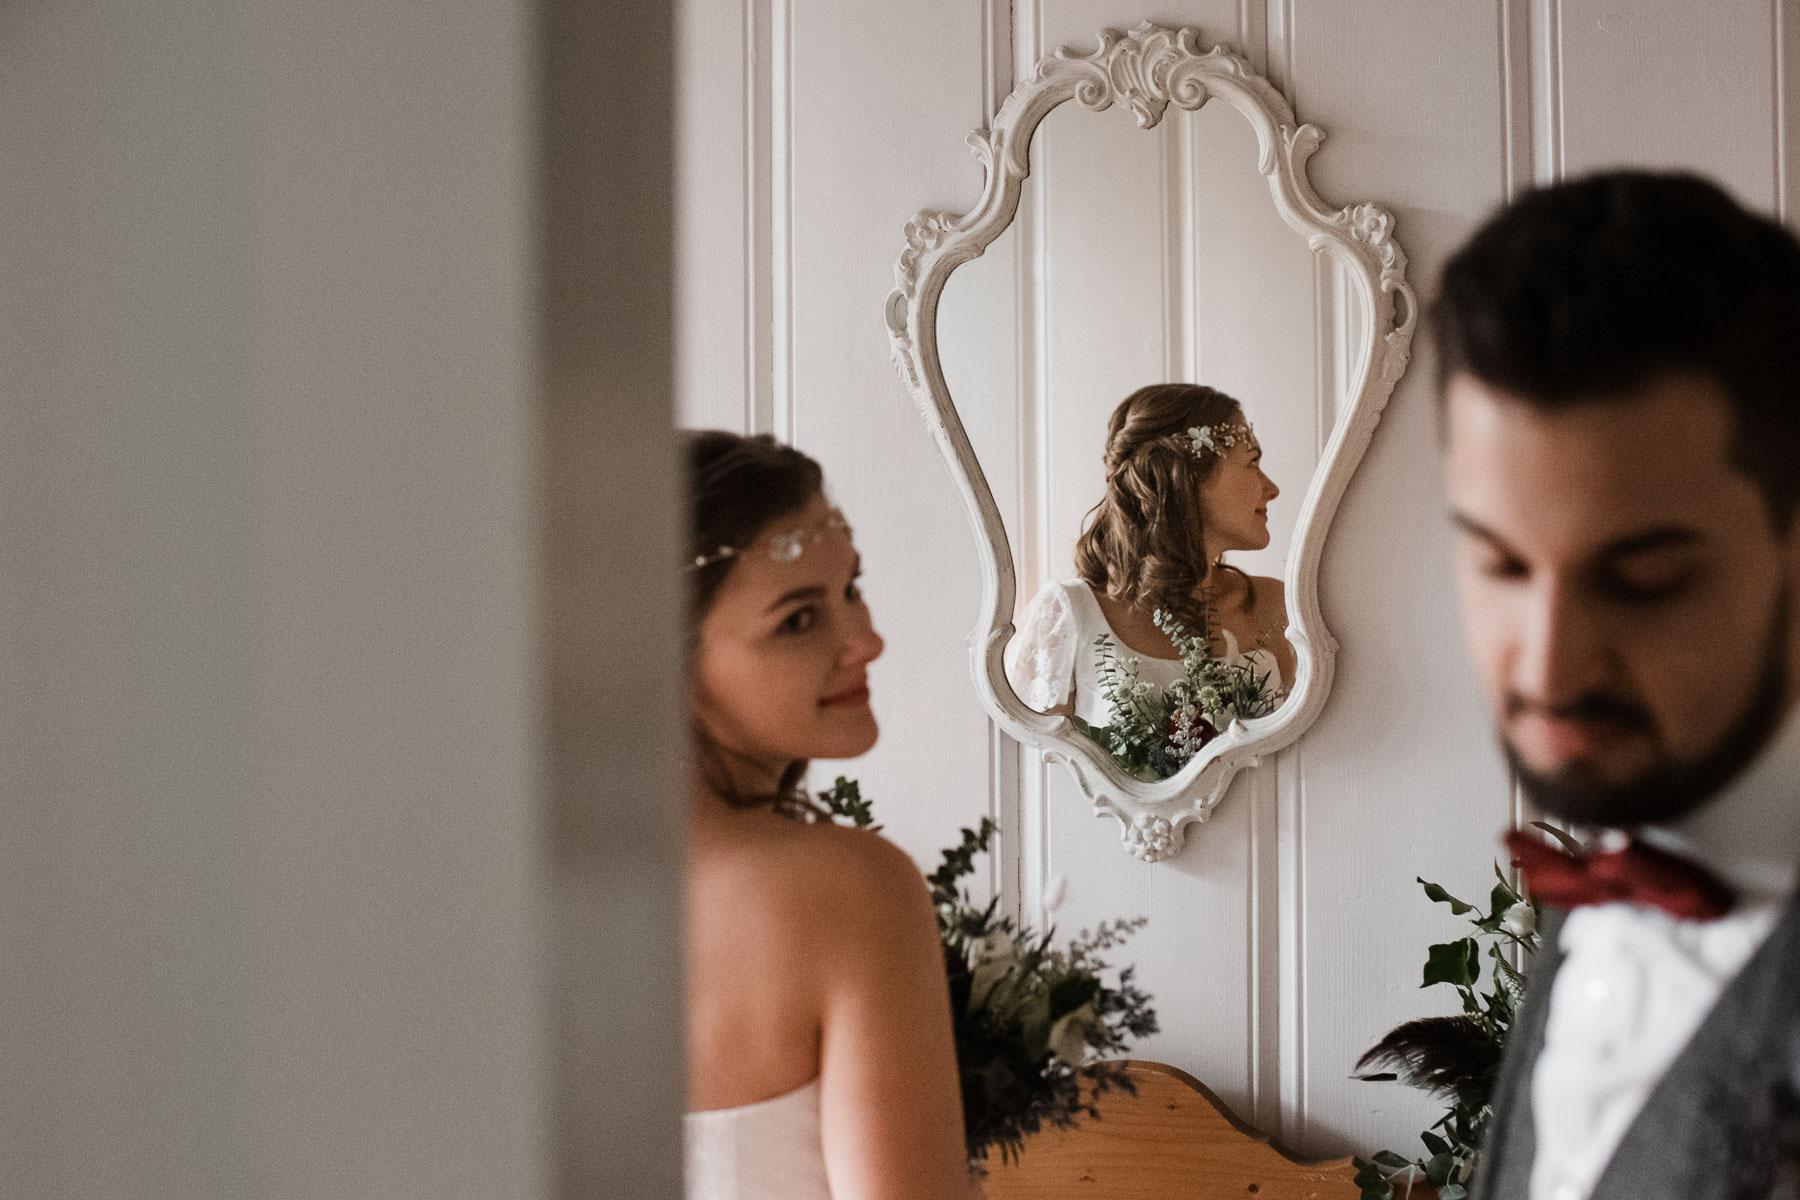 vor einer Wand, die weiß vertäfelt ist, steh die Braut, sie schaut nach hintn zu ihrem Bräutigam, in einem kleinen, weißen Spiegel spiegelt sich die Braut